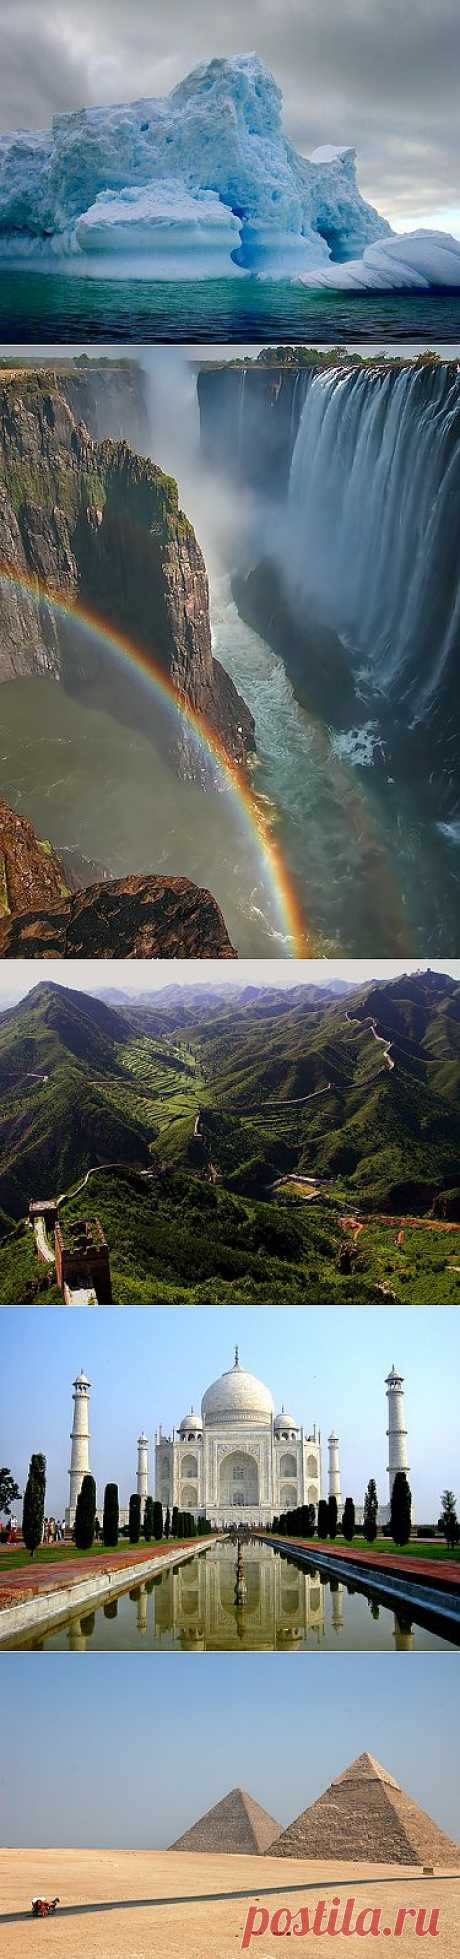 100 самых красивых мест планеты.